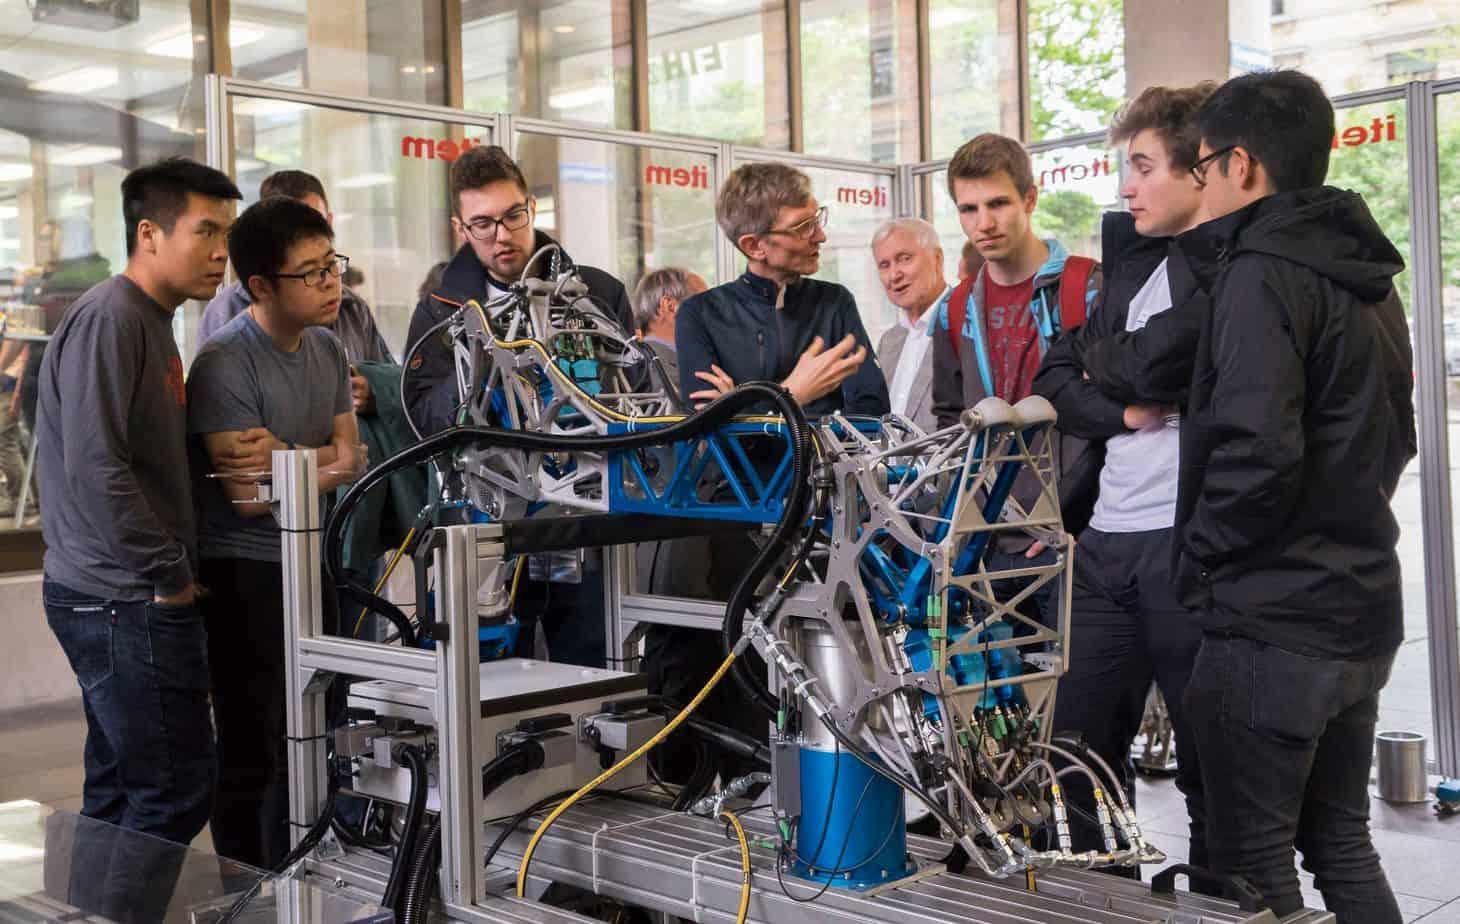 curso de robotica eth zurique